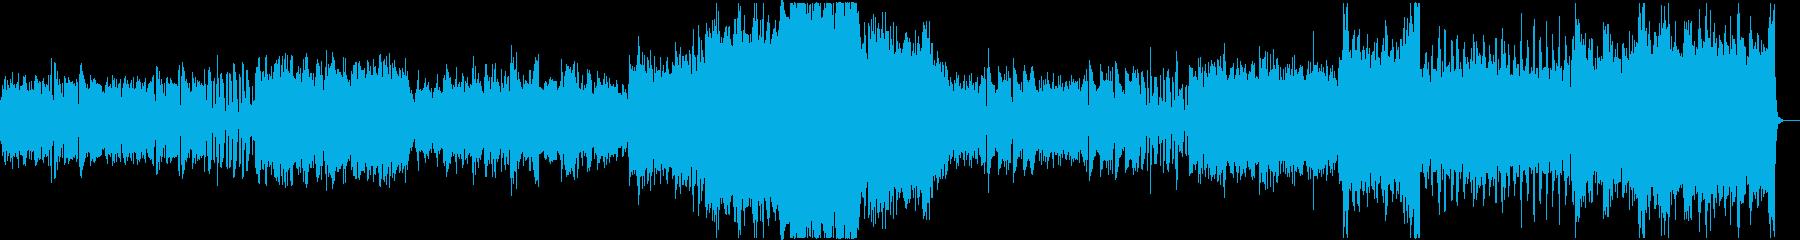 オーエストラによる壮大なBGMの再生済みの波形